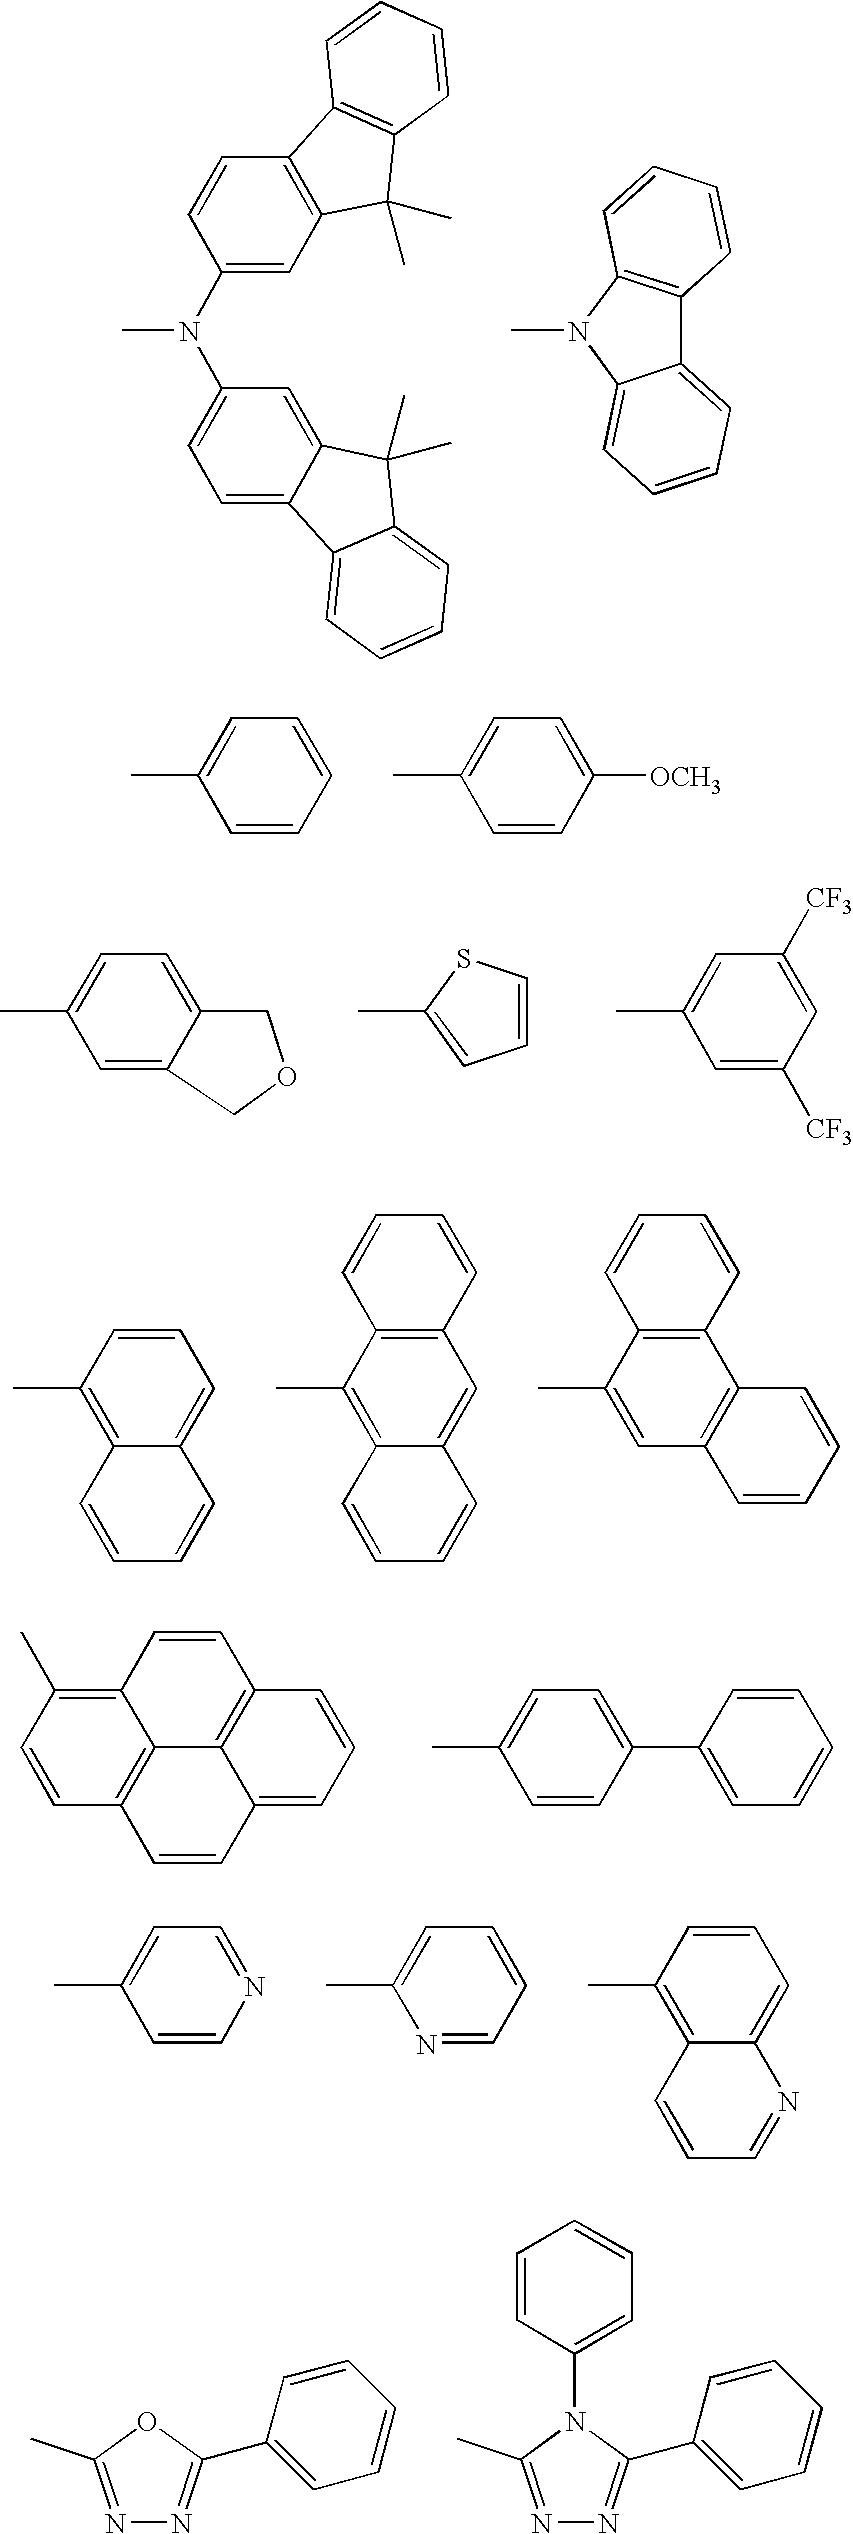 Figure US20040106004A1-20040603-C00014